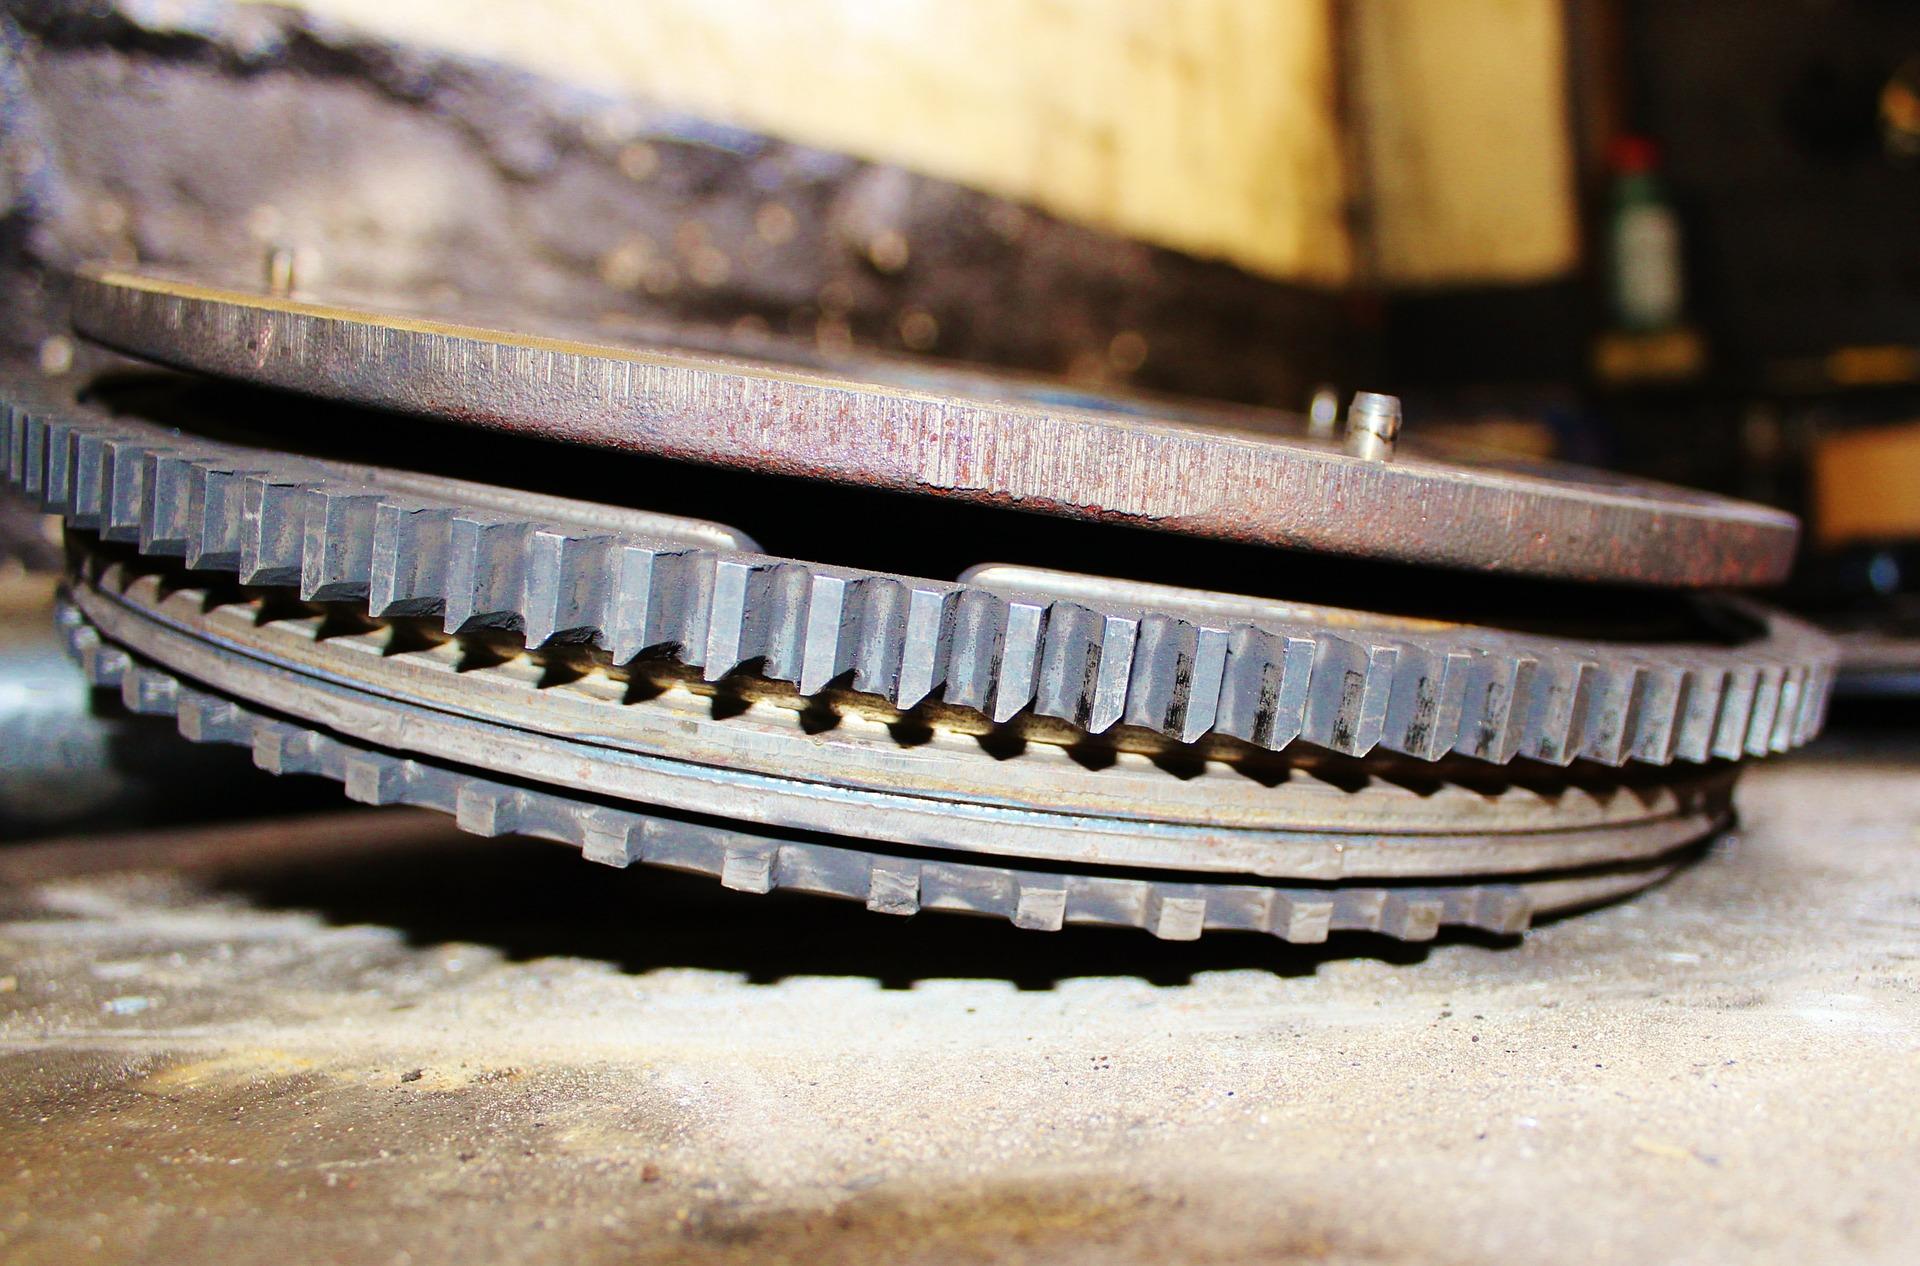 gear-443674_1920